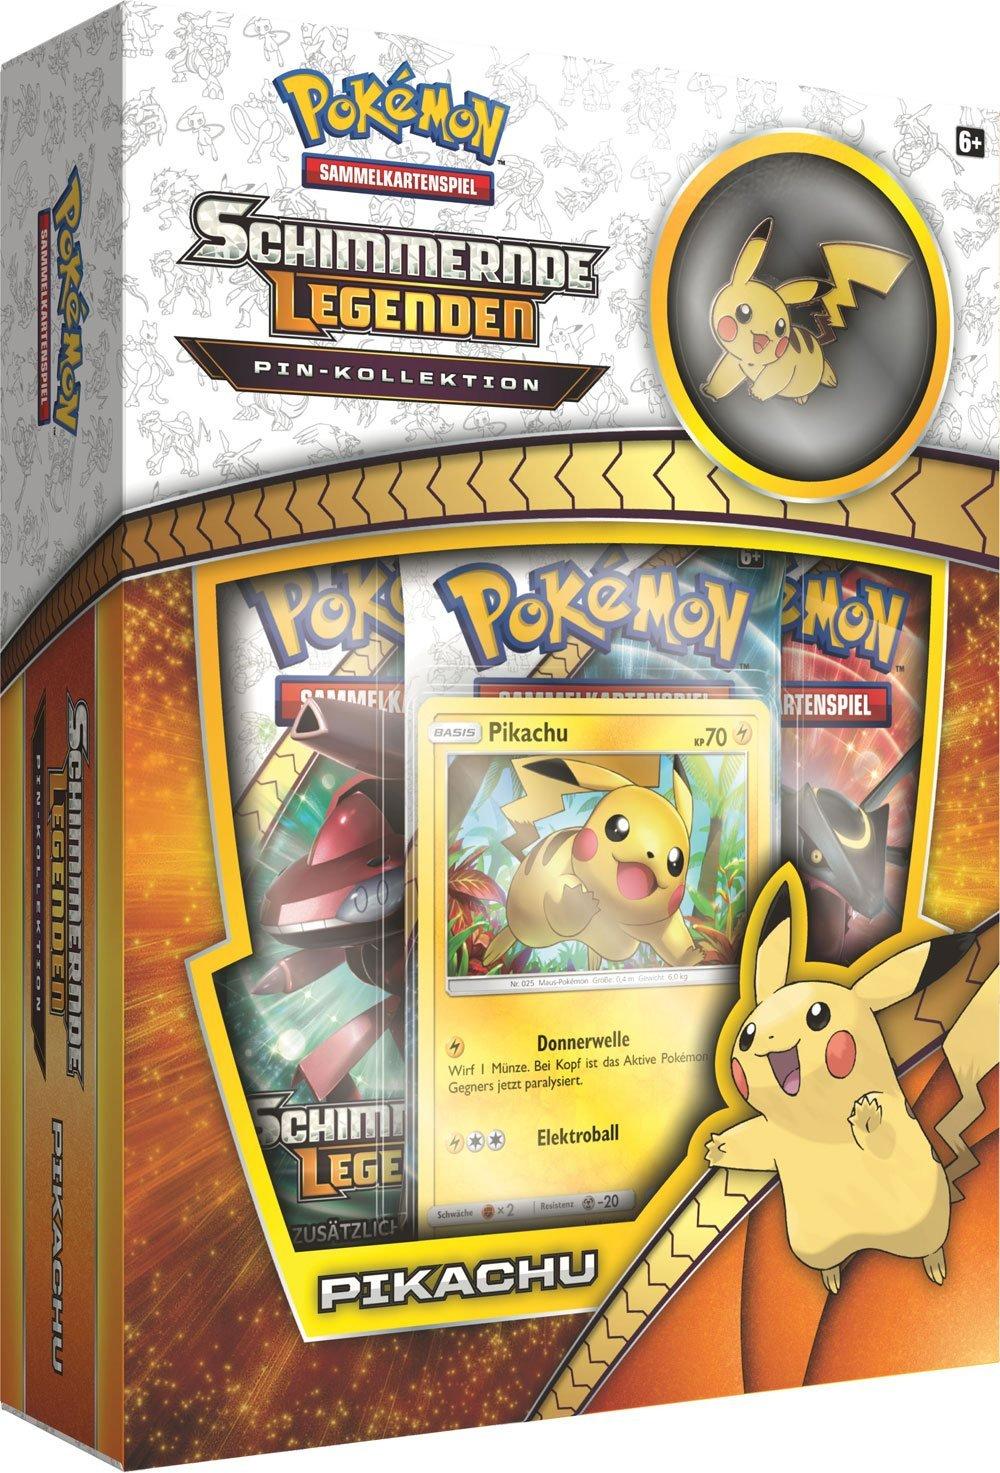 """'Pokemon 25965""""PKM sm03.5Pikachu broches Boîte"""